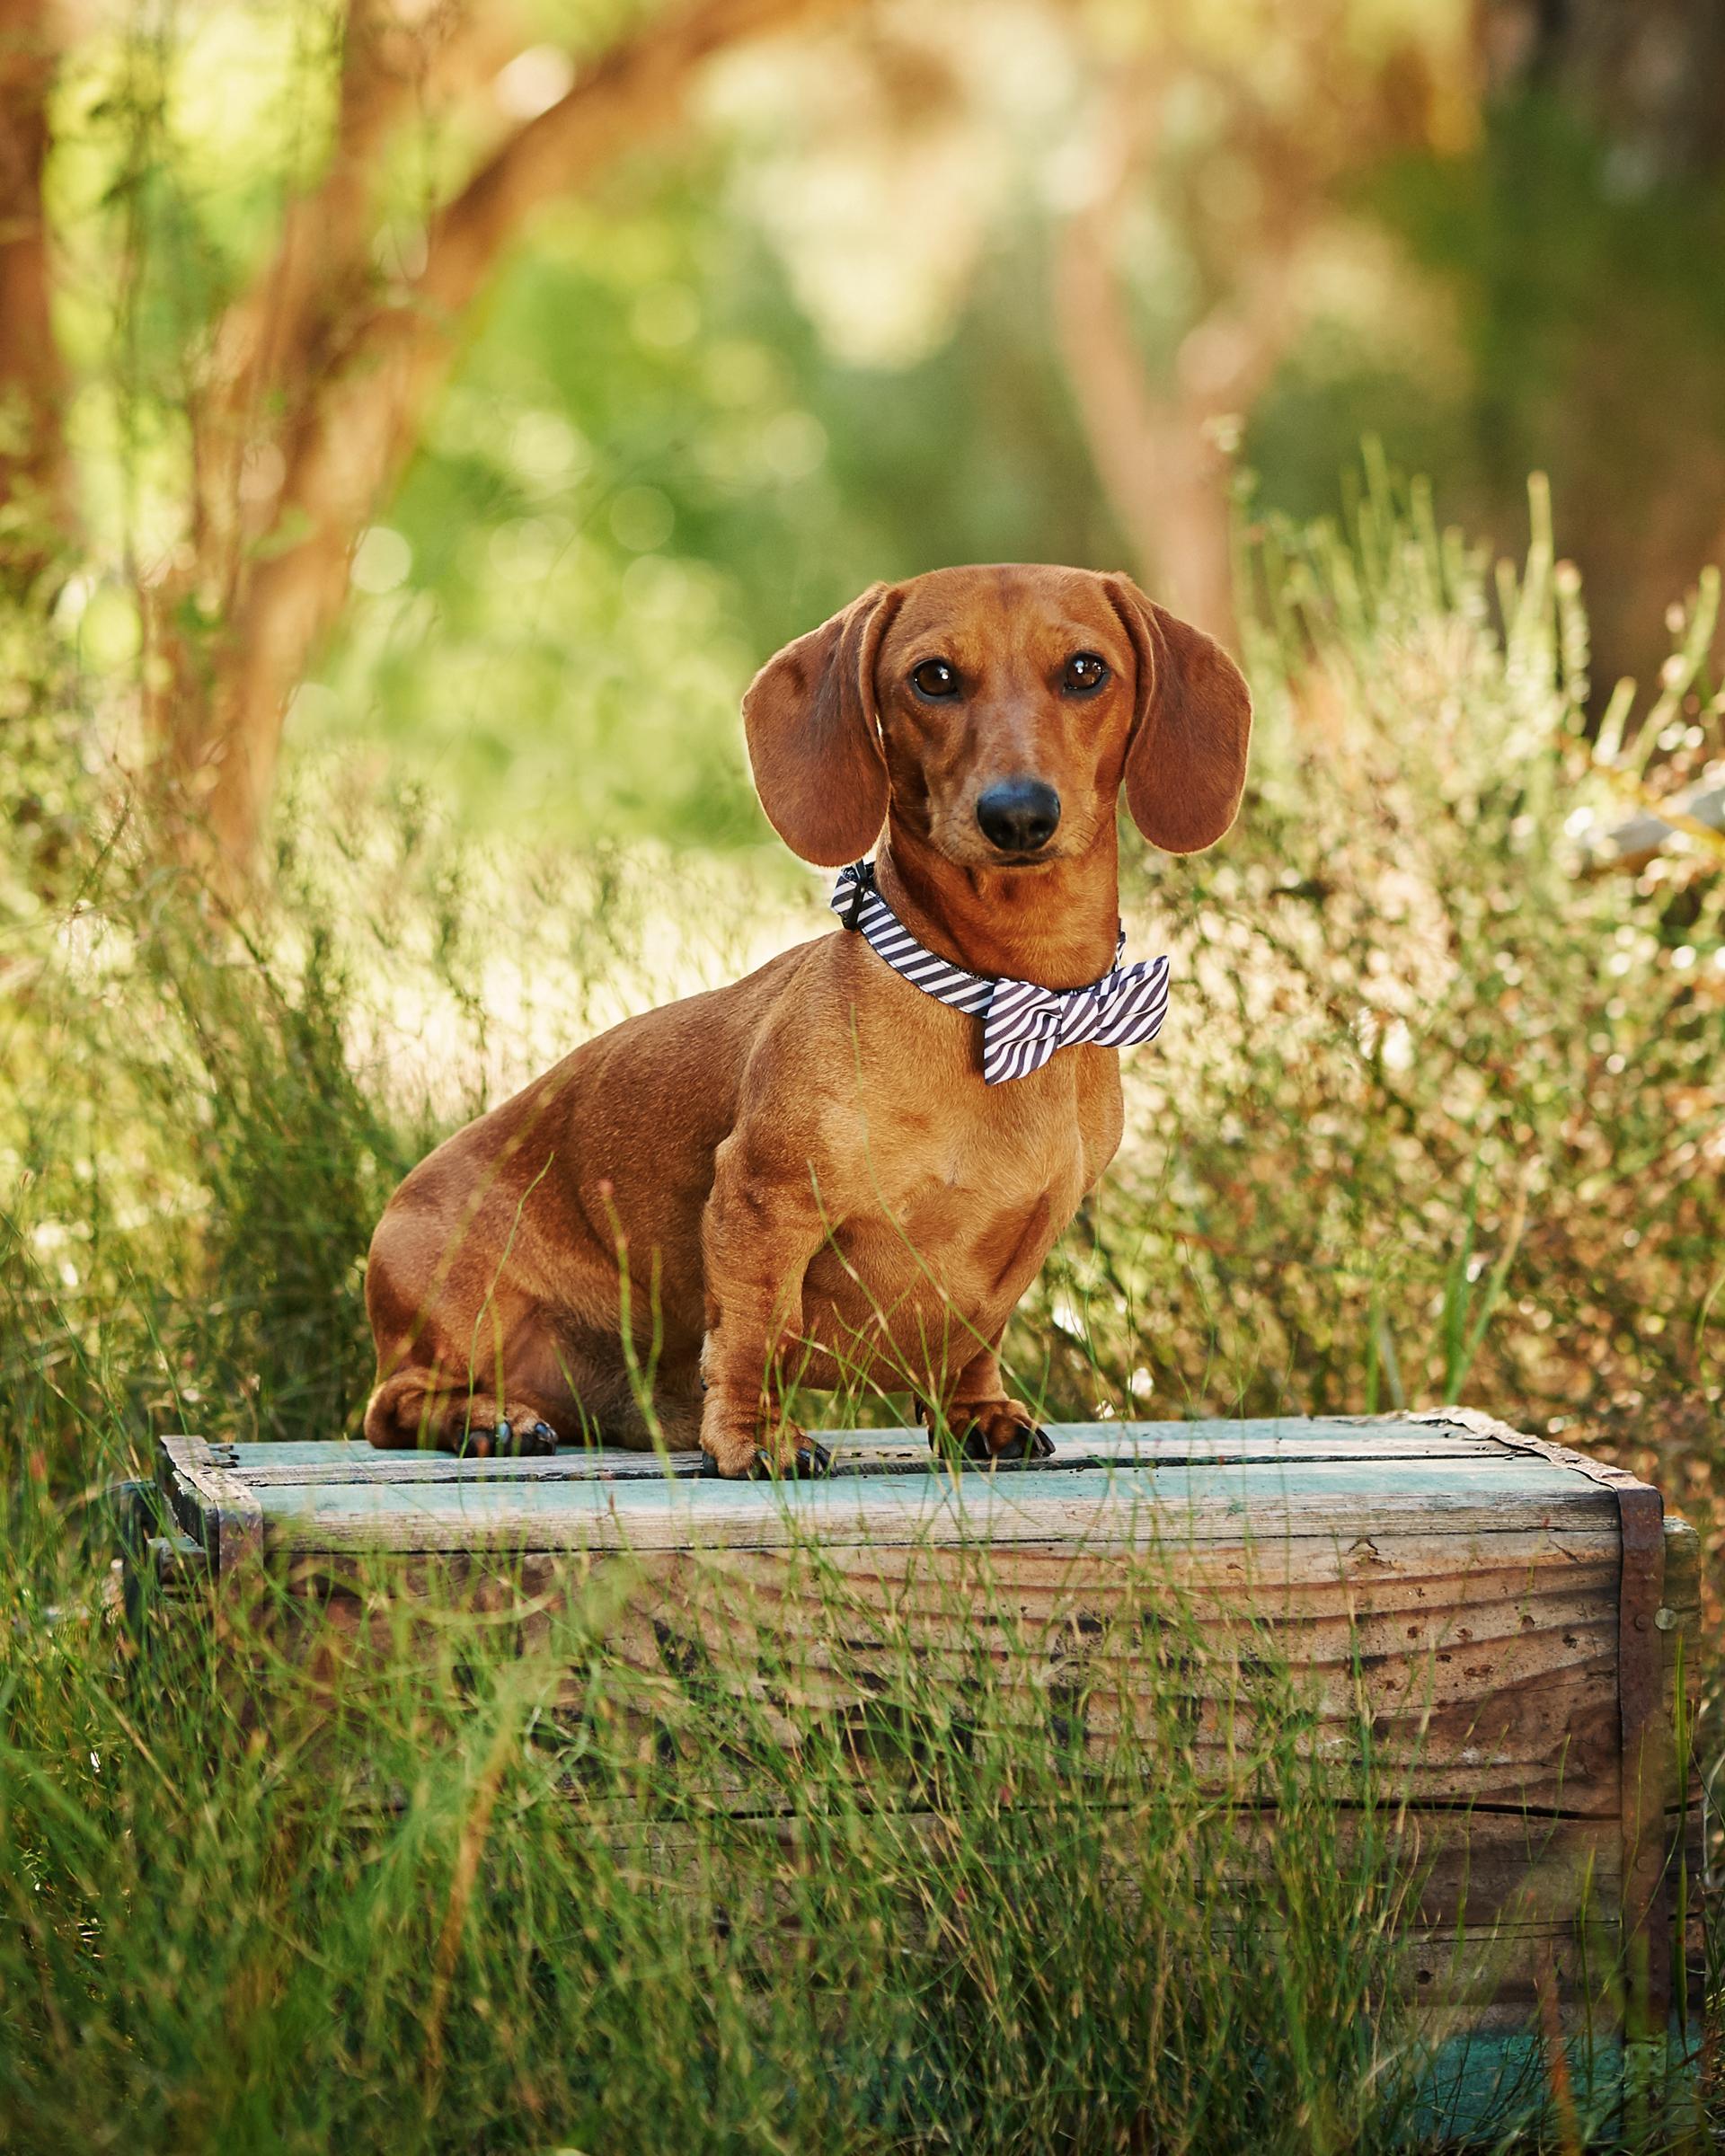 deutsch_hound_pet_dog_four_paws_portrait